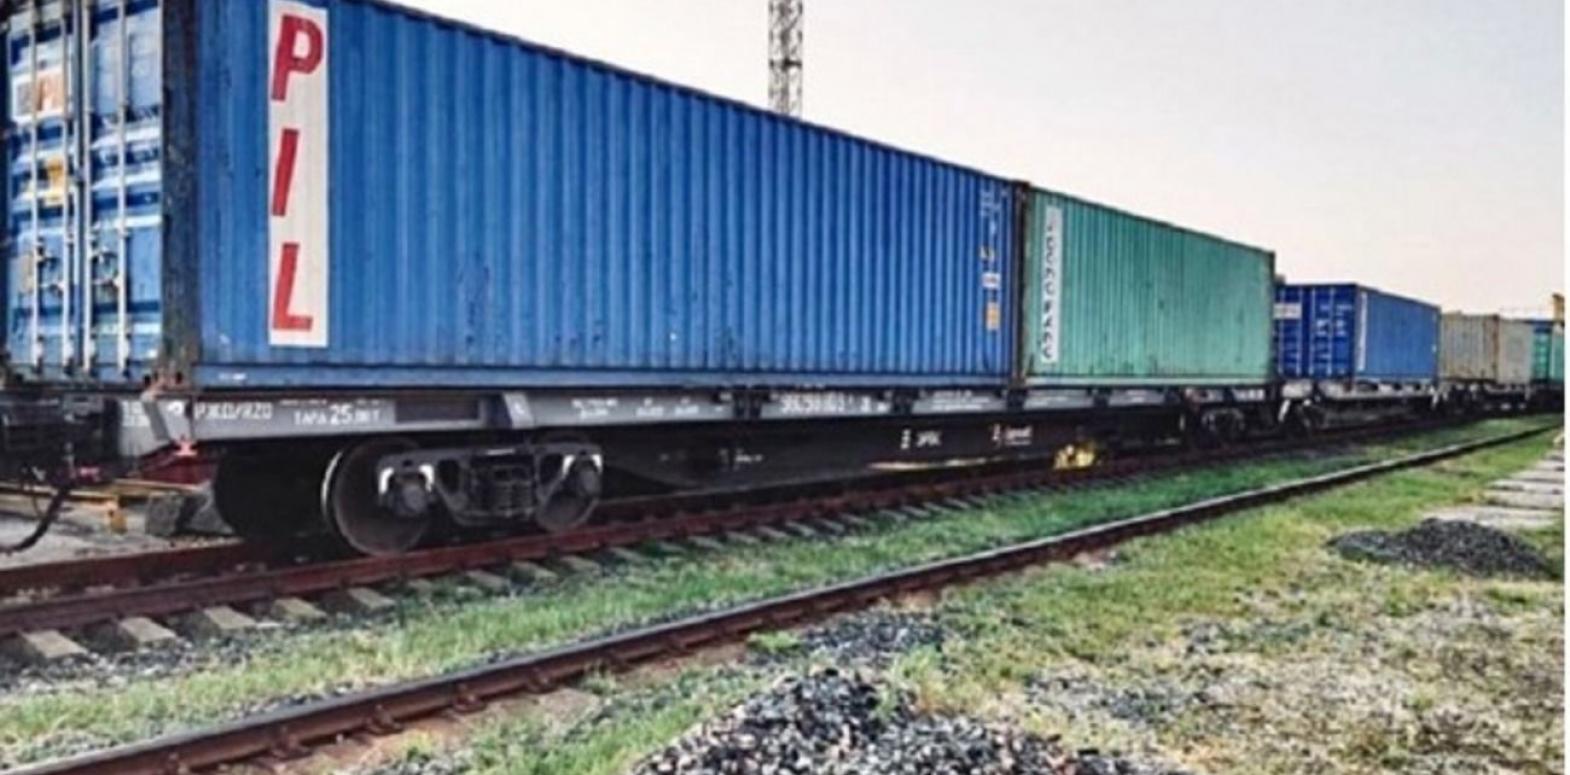 На УЗ ждет крупнейшее в истории обновление парка грузовых вагонов